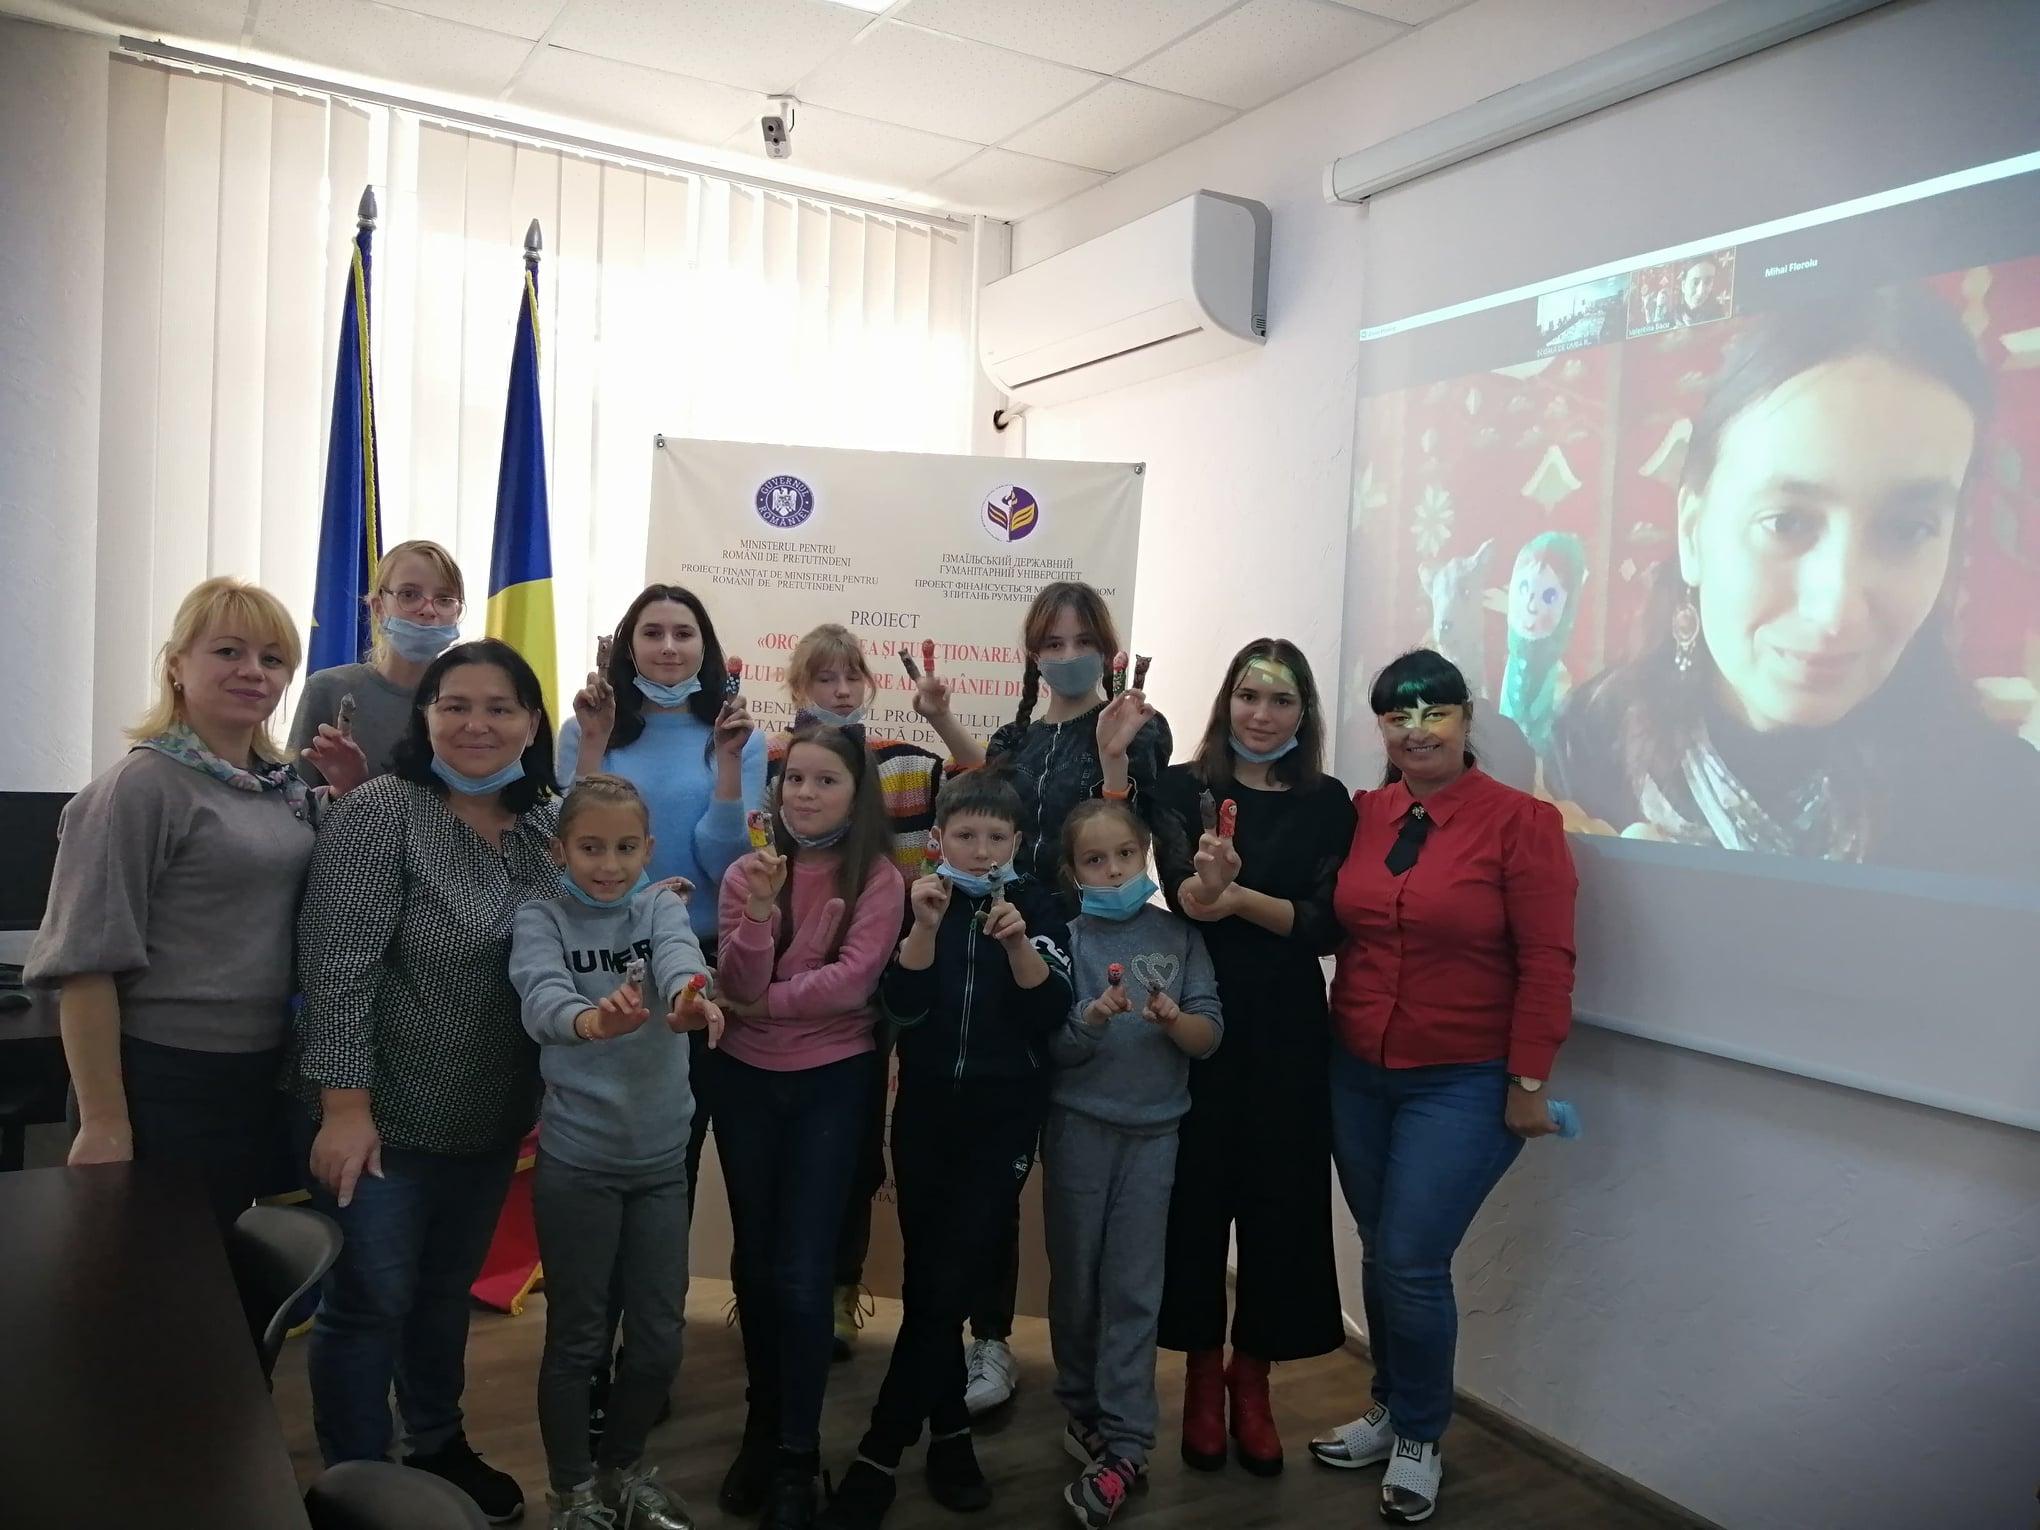 Творча онлайн майстерня «Лялька-мотанка» у партнерстві з Асоціації сучасної культурної ідентичності та Музеєм румунського селянина (Румунія)